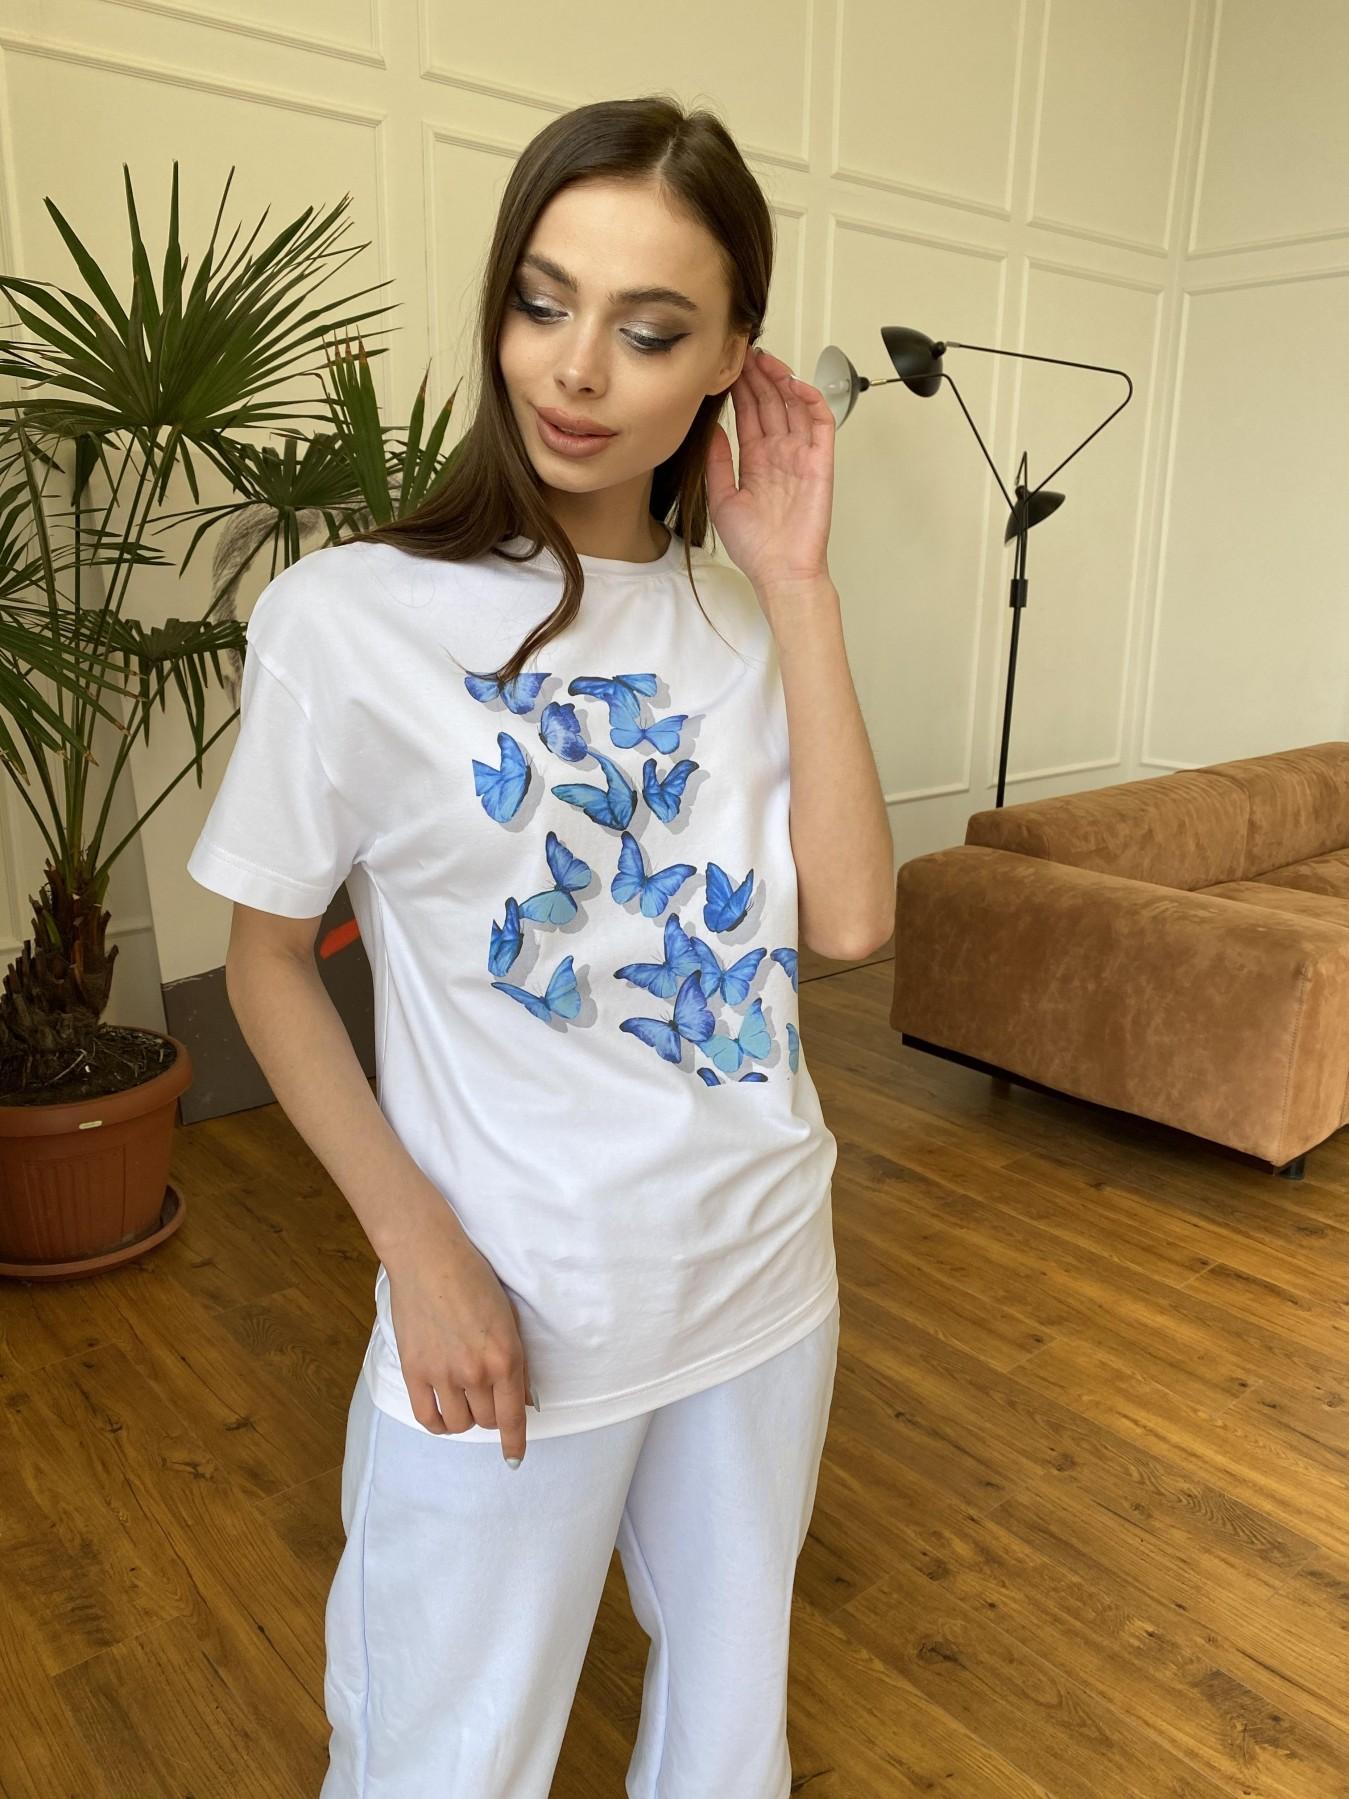 Бабочки футболка из вискозы однотонная хлопок 11232 АРТ. 47752 Цвет: Белый - фото 1, интернет магазин tm-modus.ru